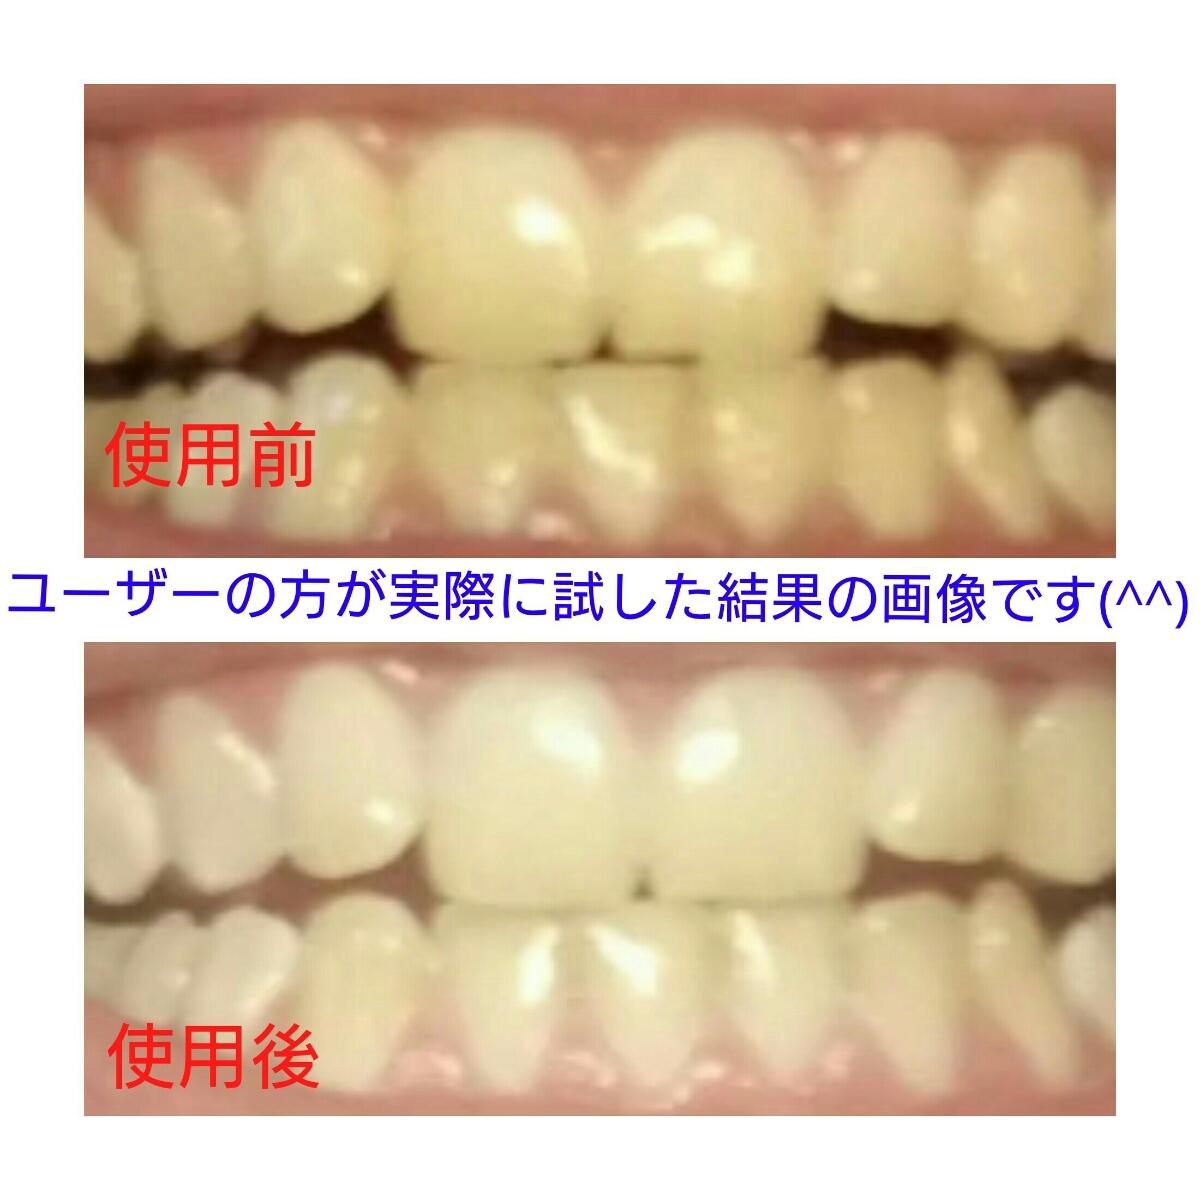 歯にやさしい自宅で簡単歯の本格ホームホワイトニングキットledライト ジェル10本白い歯色素沈着煙草黄ばみヤニタバコ_画像2